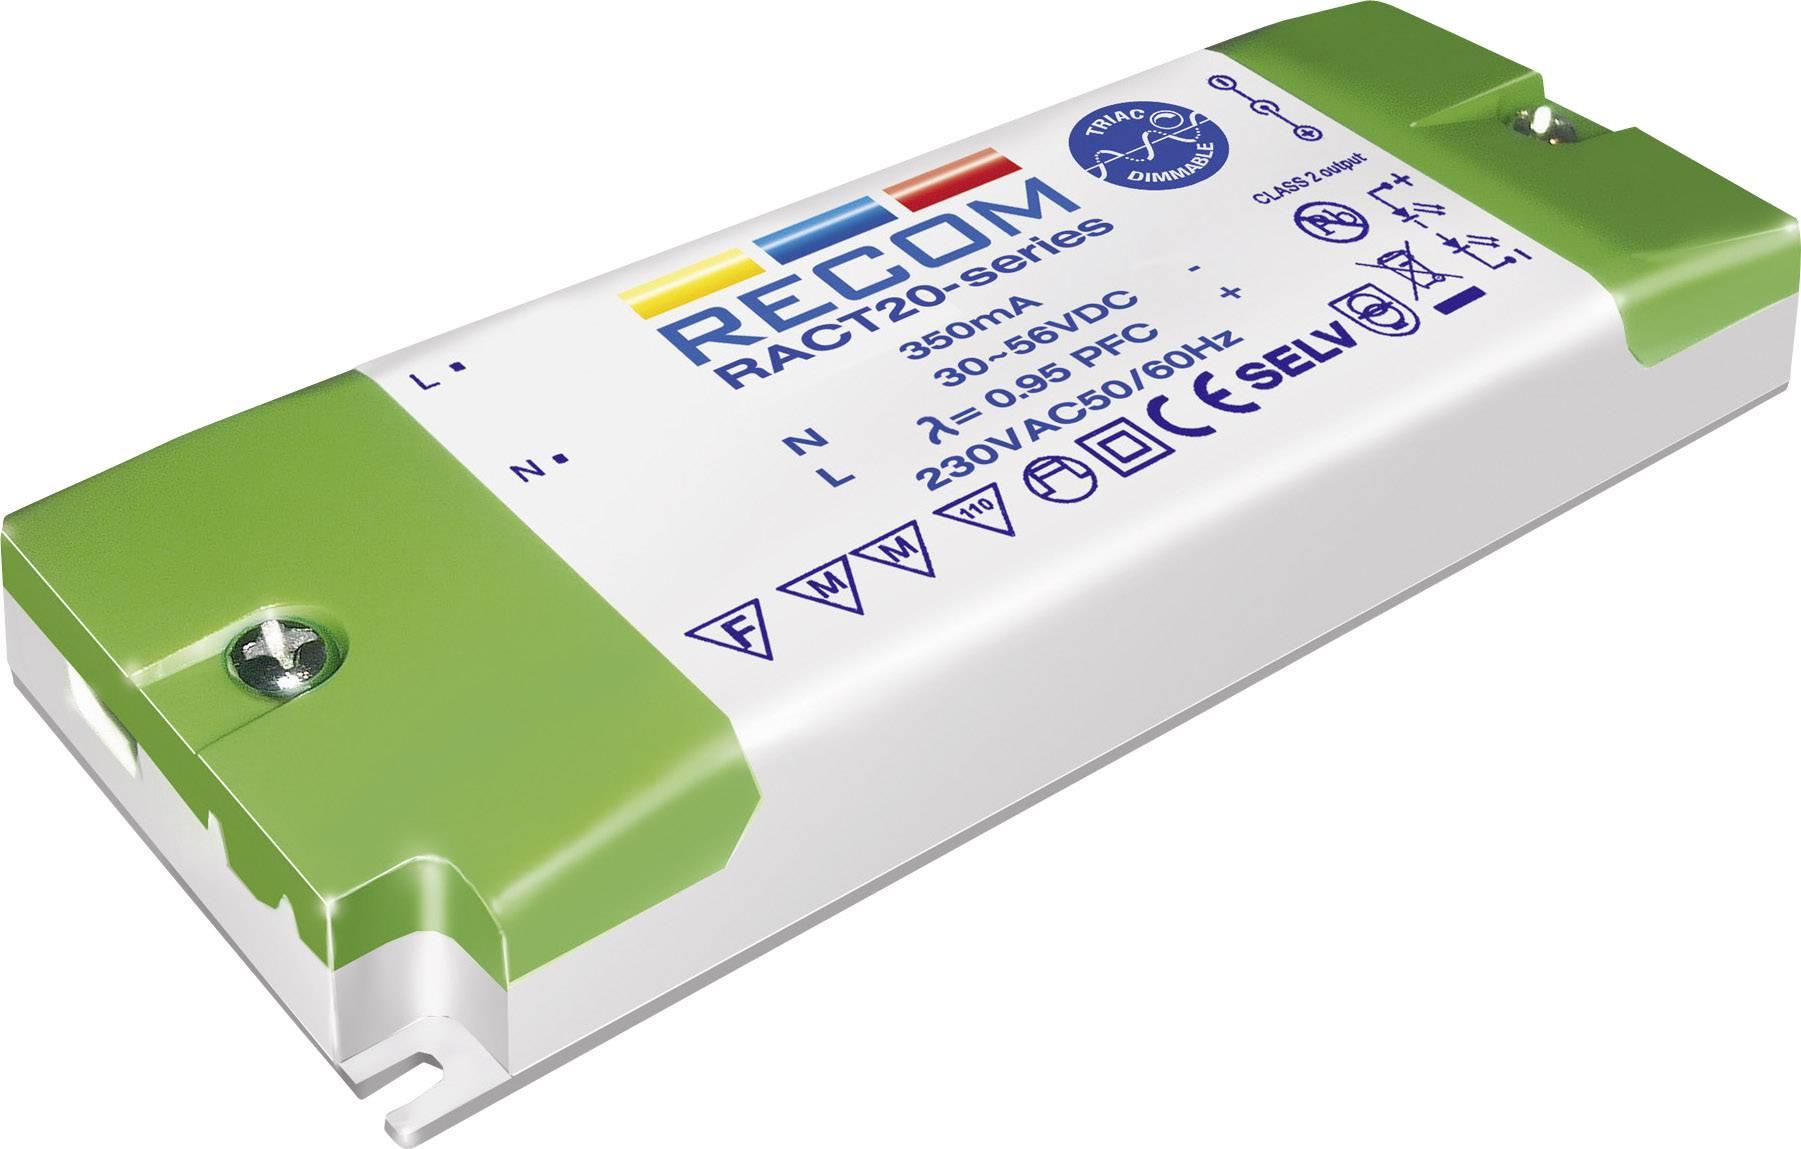 LED zdroj konst. proudu Recom Lighting RACT20-1050, 20000843, 1050 mA, 18 V